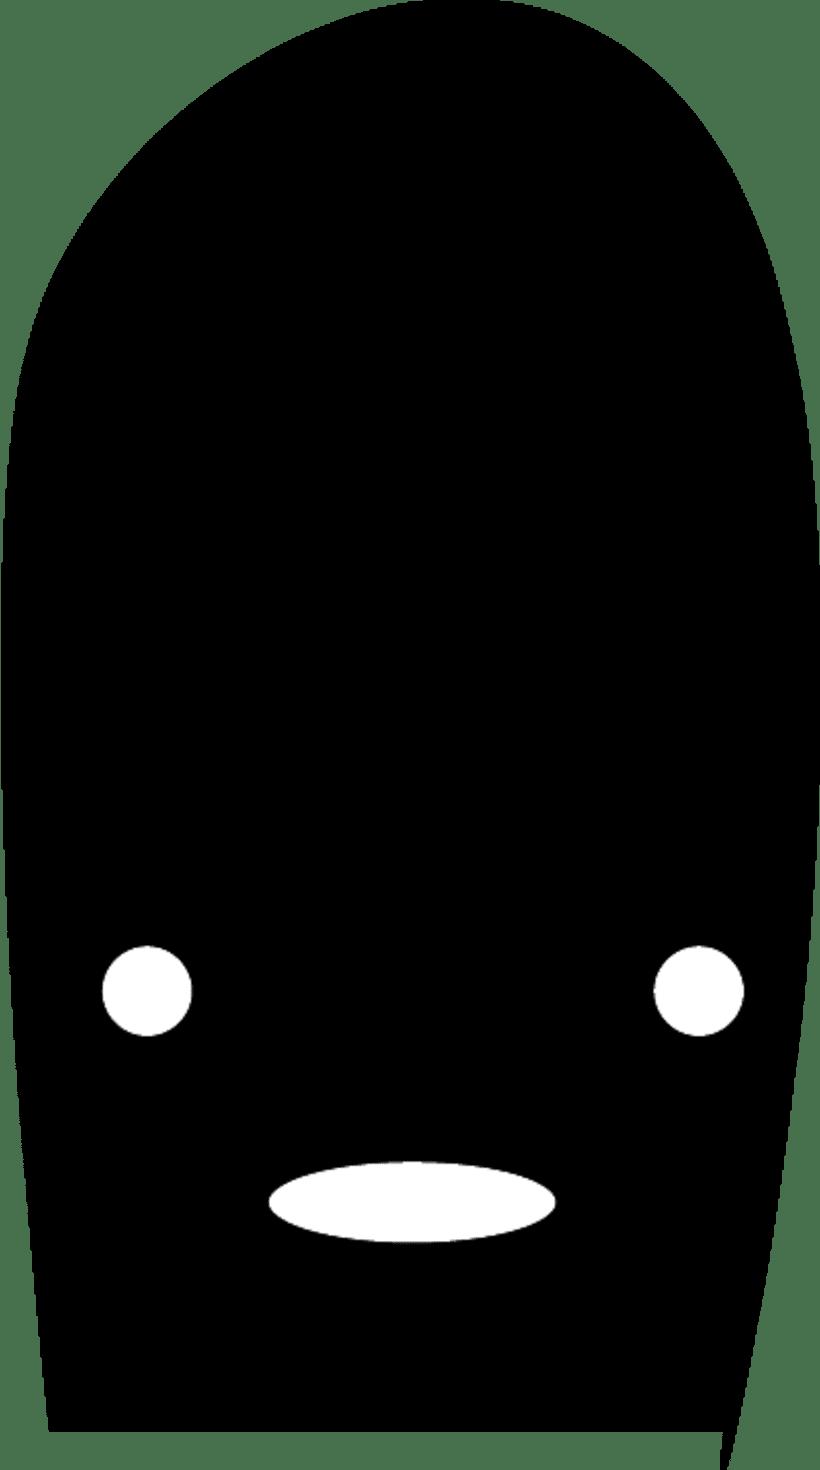 Kbezas 2